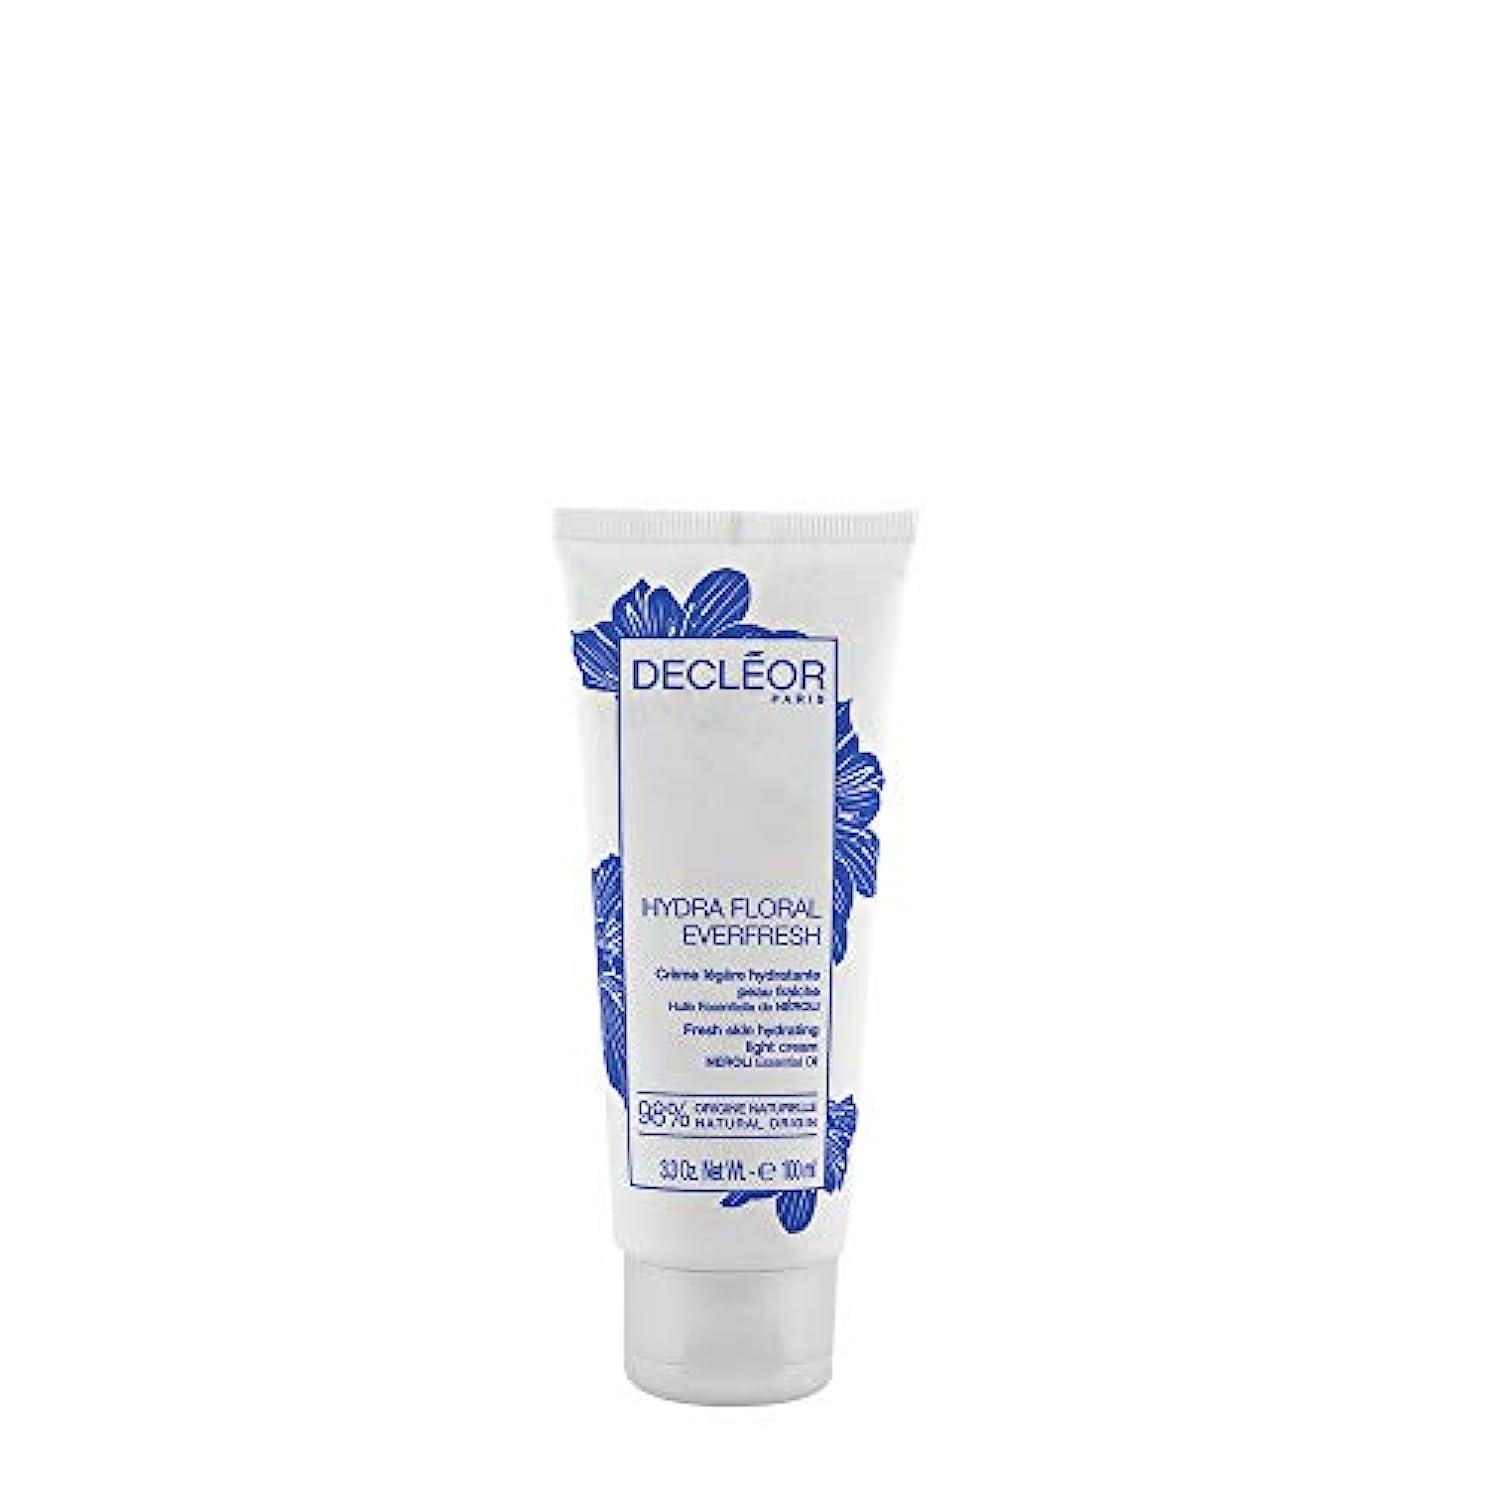 機会活発豚デクレオール Hydra Floral Everfresh Fresh Skin Hydrating Light Cream - For Dehydrated Skin (Limited Edition) 100ml/3.3oz...